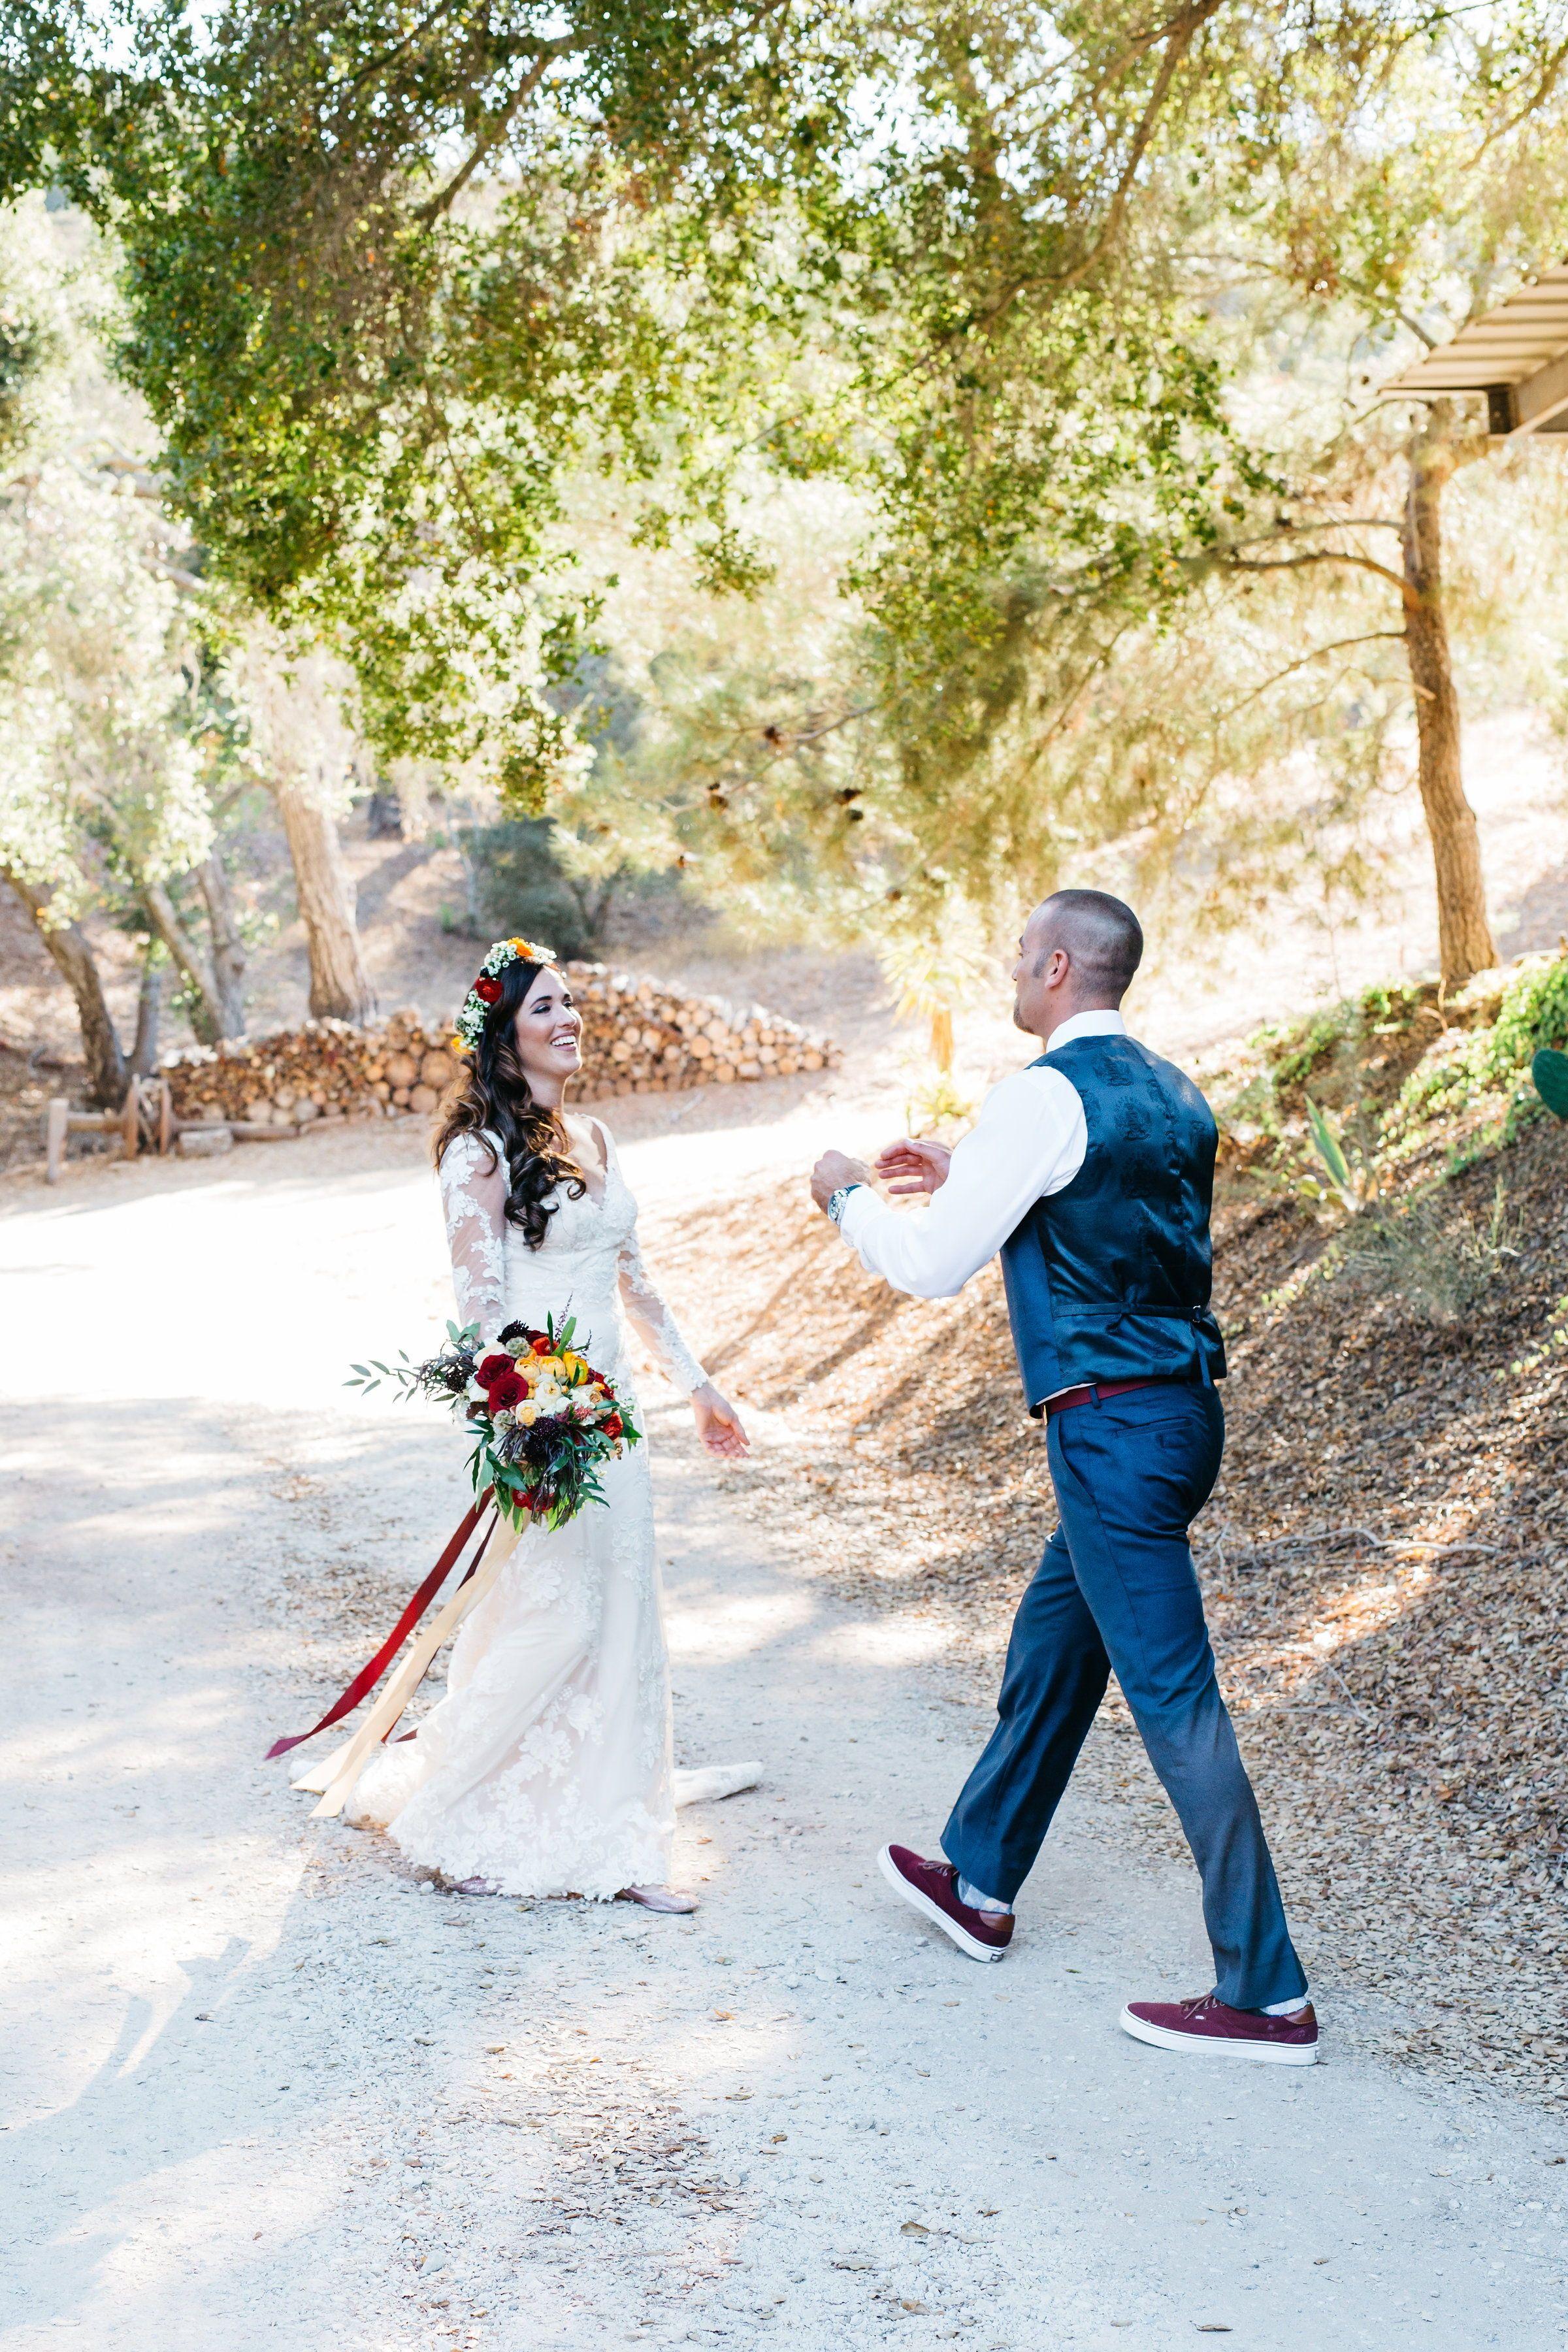 Wedding decorations purple october 2018 Rachel u Mike in   Rachel u Mike An Epic Fall Wedding in Ojai